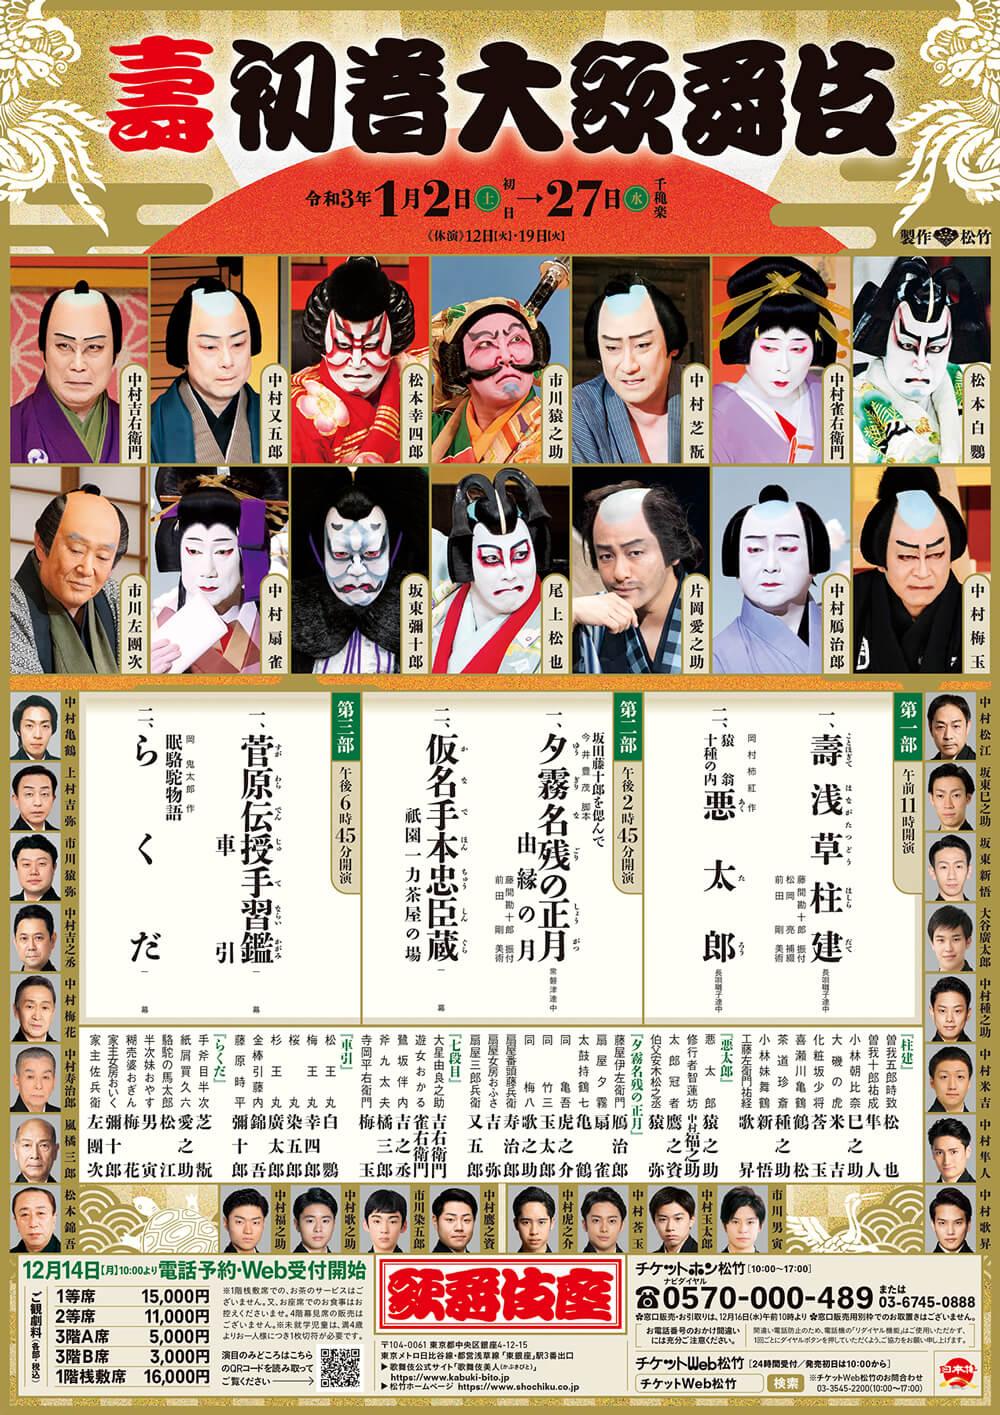 新春歌舞伎ラインナップ